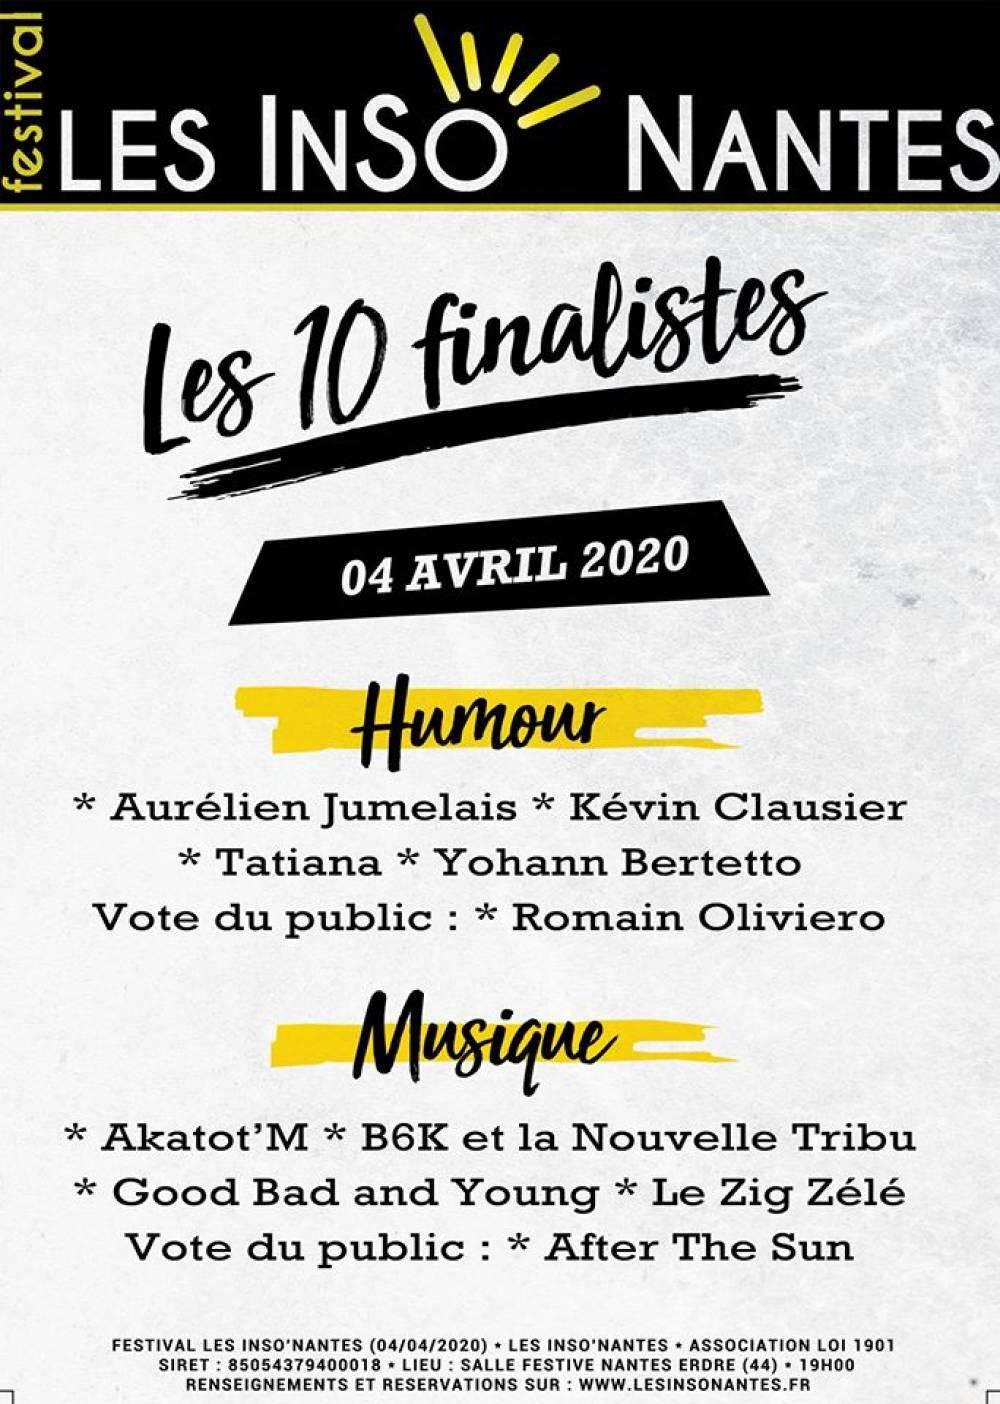 FESTIVAL LES INSO' NANTES 2020 SÉLECTION OFFICIELLE (04/04/2020)